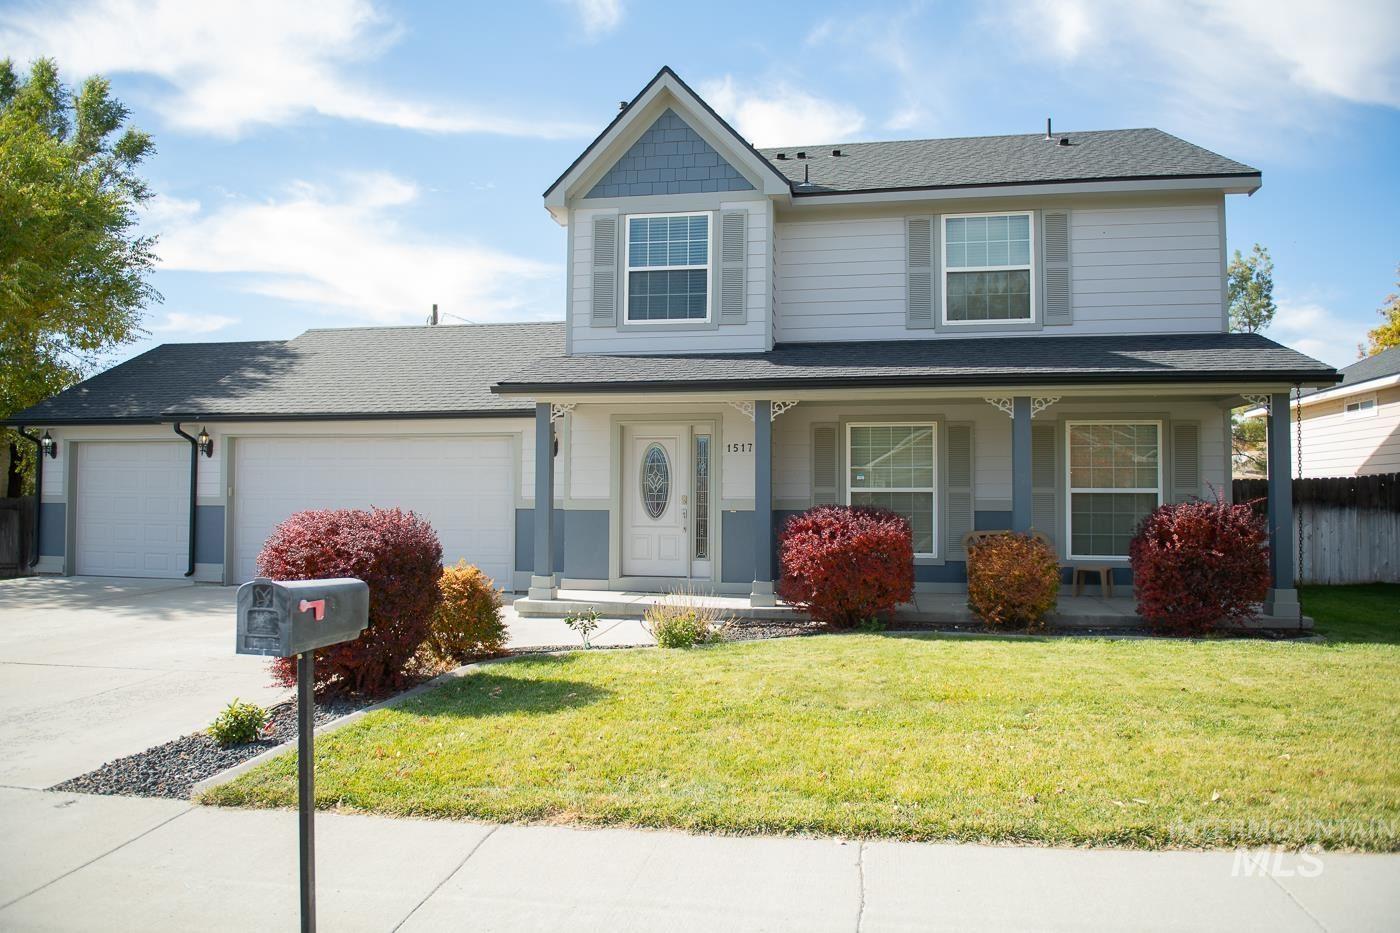 Photo of 1517 Cinder Loop, Mountain Home, ID 83647 (MLS # 98823206)